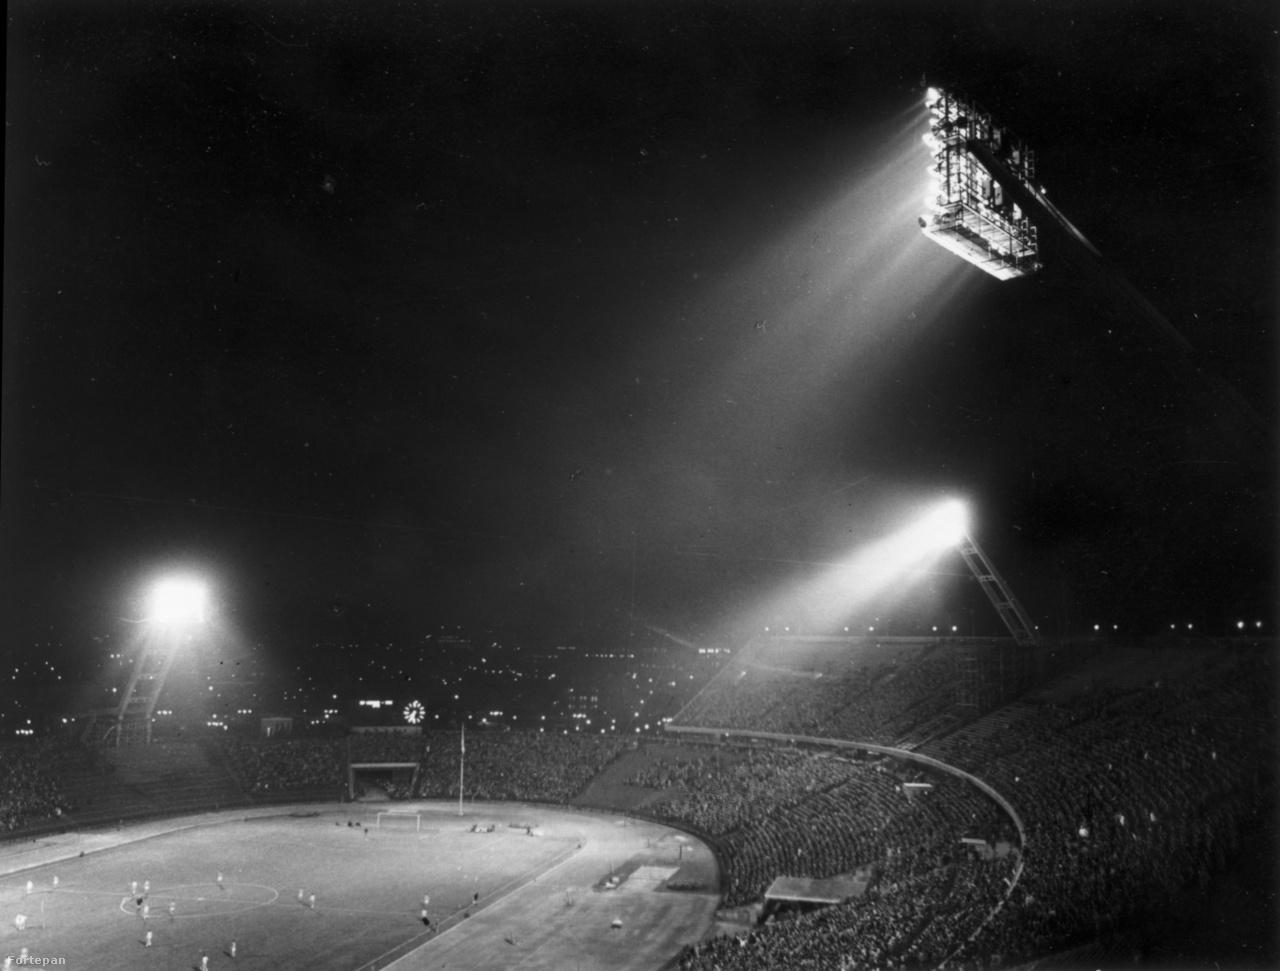 A stadionban csak 1959-ben épült ki a villanyvilágítás, az első esti meccset pedig szeptember 9-én játszották le a Népstadionban. A Közép-európai kupa döntőjének visszavágóján a Budapest Honvéd 2-2-t játszott az MTK-val, és így 6-5-ös összesítéssel megnyerte a kupát. A helyszínen hatvanezer néző nézte végig a két pesti csapat döntőjét. A fővárosi csapatok közti kettő rangadók 1973-tól váltak rendszeressé a Népstadionban. A fokozatosan csökkenő érdeklődés miatt az utolsó kettős rangadókat 1987. május 2-án rendezték, és az Újpesti Dózsa-Budapest Honvéd (2-1), és Ferencváros-Vasas (3-1) mérkőzésekkel egy három évtizedes korszak zárult le a magyar futball történetében.